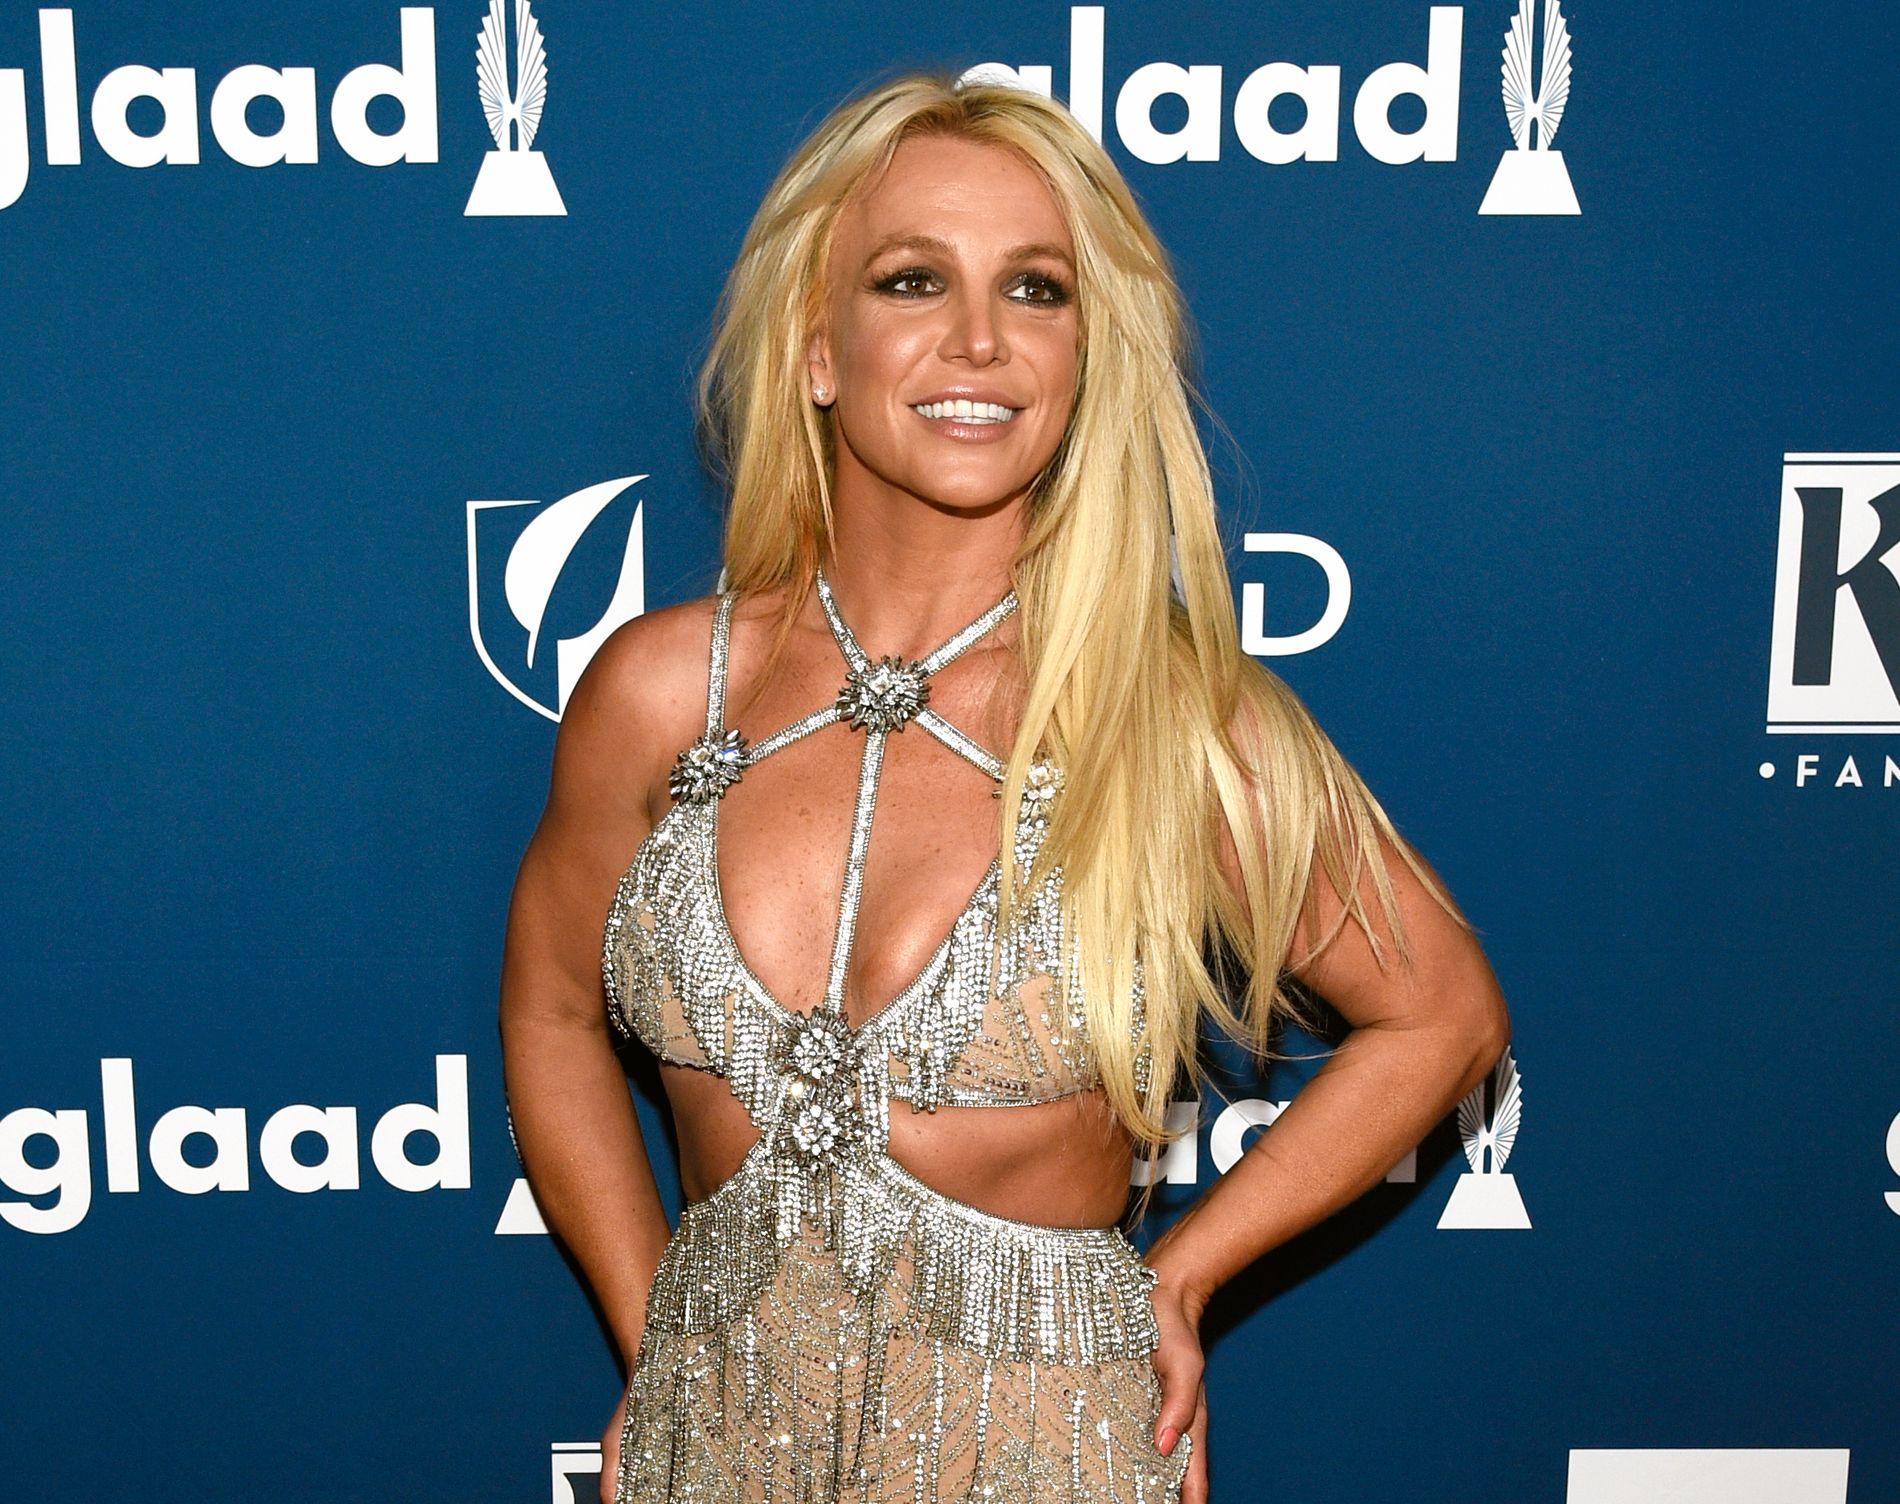 GODT BETALT: Britney Spears går glipp av store summer i Las Vegas dette året, men har sannsynligvis mye å tære på. I perioden 2013 til 2017 skal hun ha tjent over en milliard kroner.